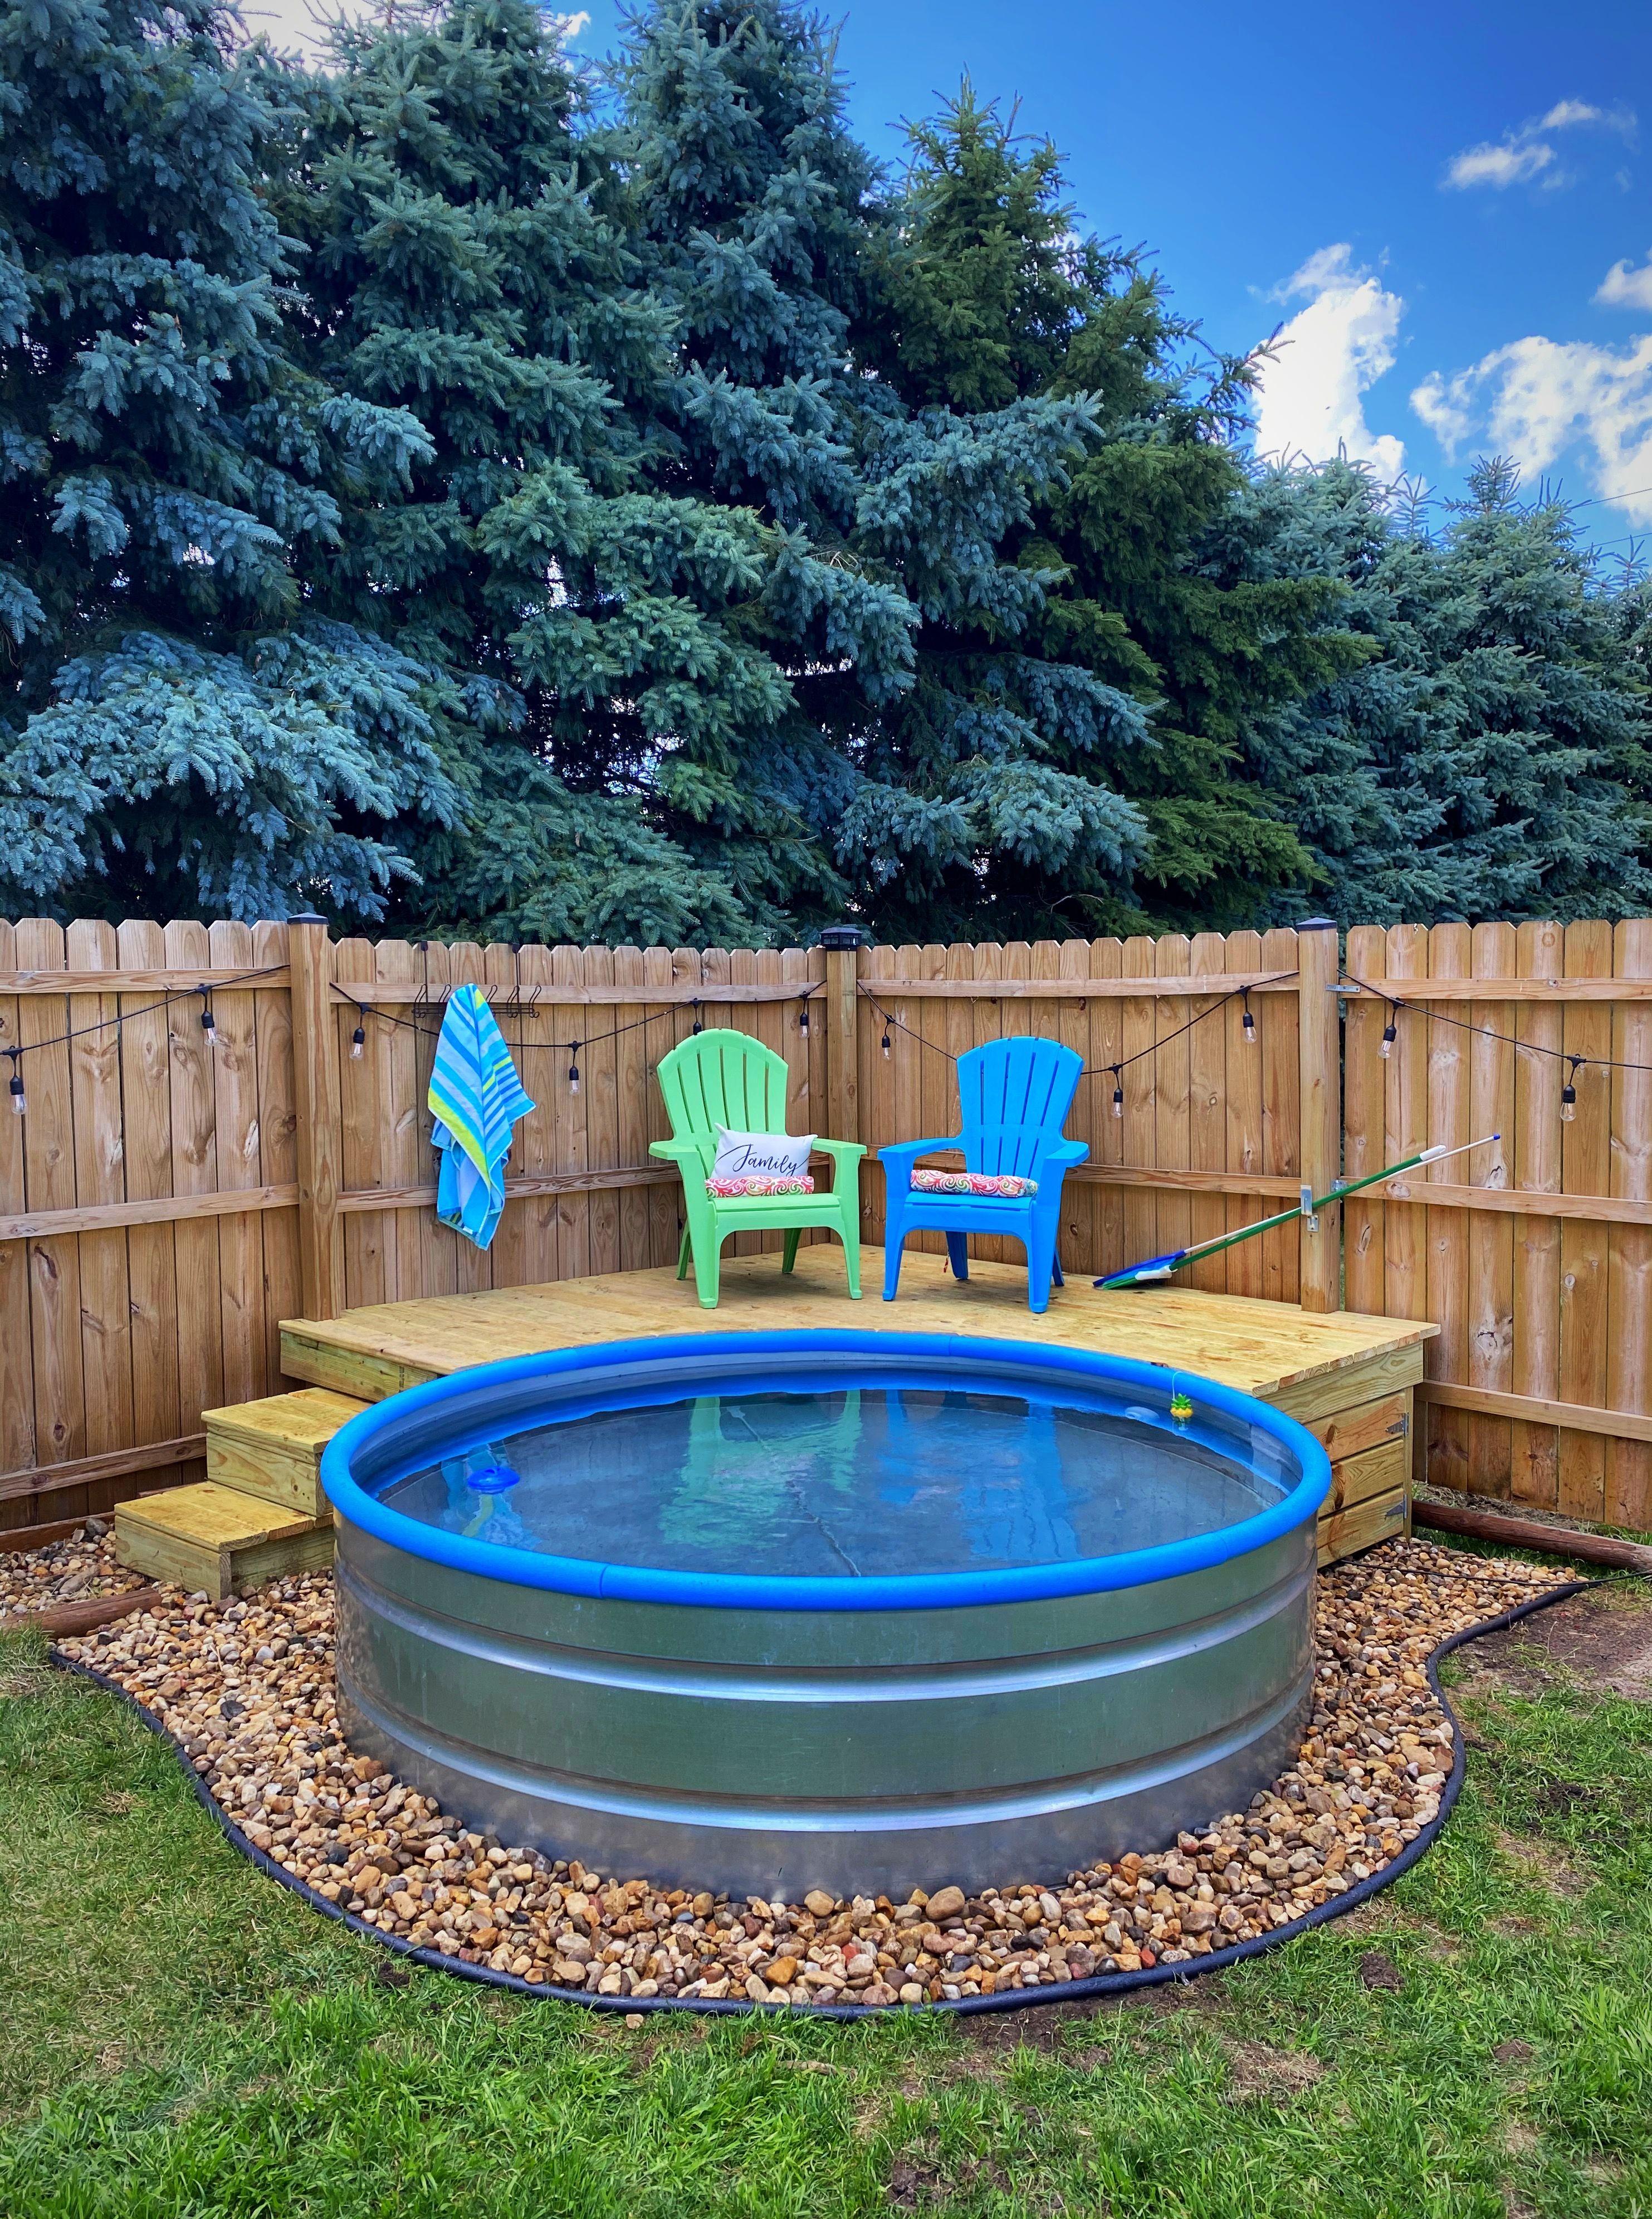 Pin By Brenda Eynatten On Stock Tank Pool In 2020 Small Backyard Pools Backyard Pool Stock Pools